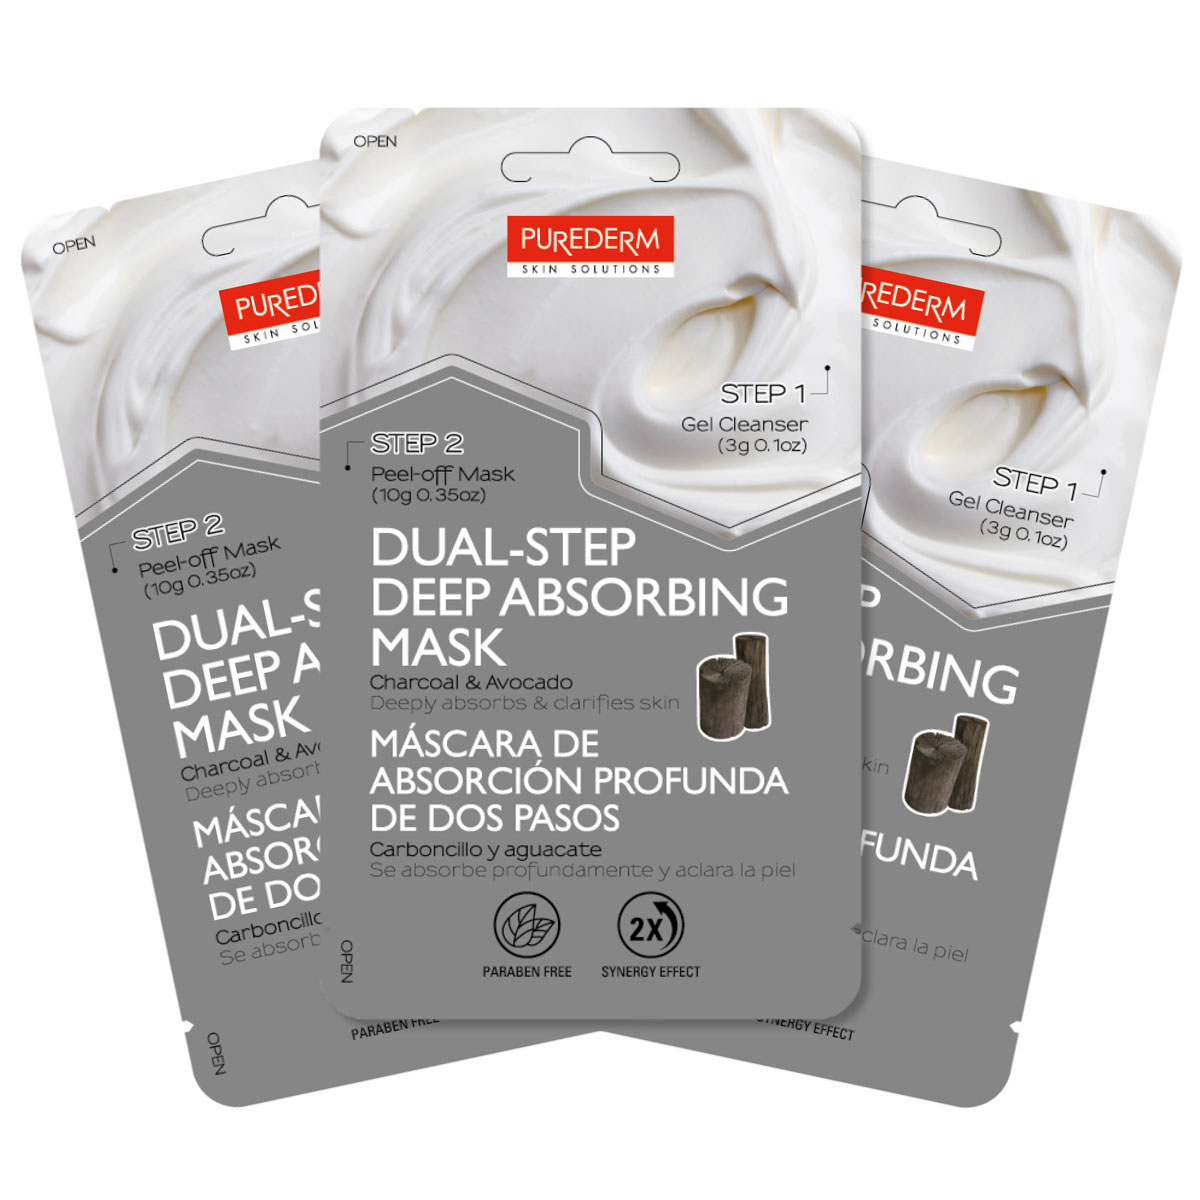 Purederm Набор Двойной уход: Очищающий гель, 3 г + Маска-пленка с углем и авокадо, 10 г увлажняющая маска purederm огурец 10 мл